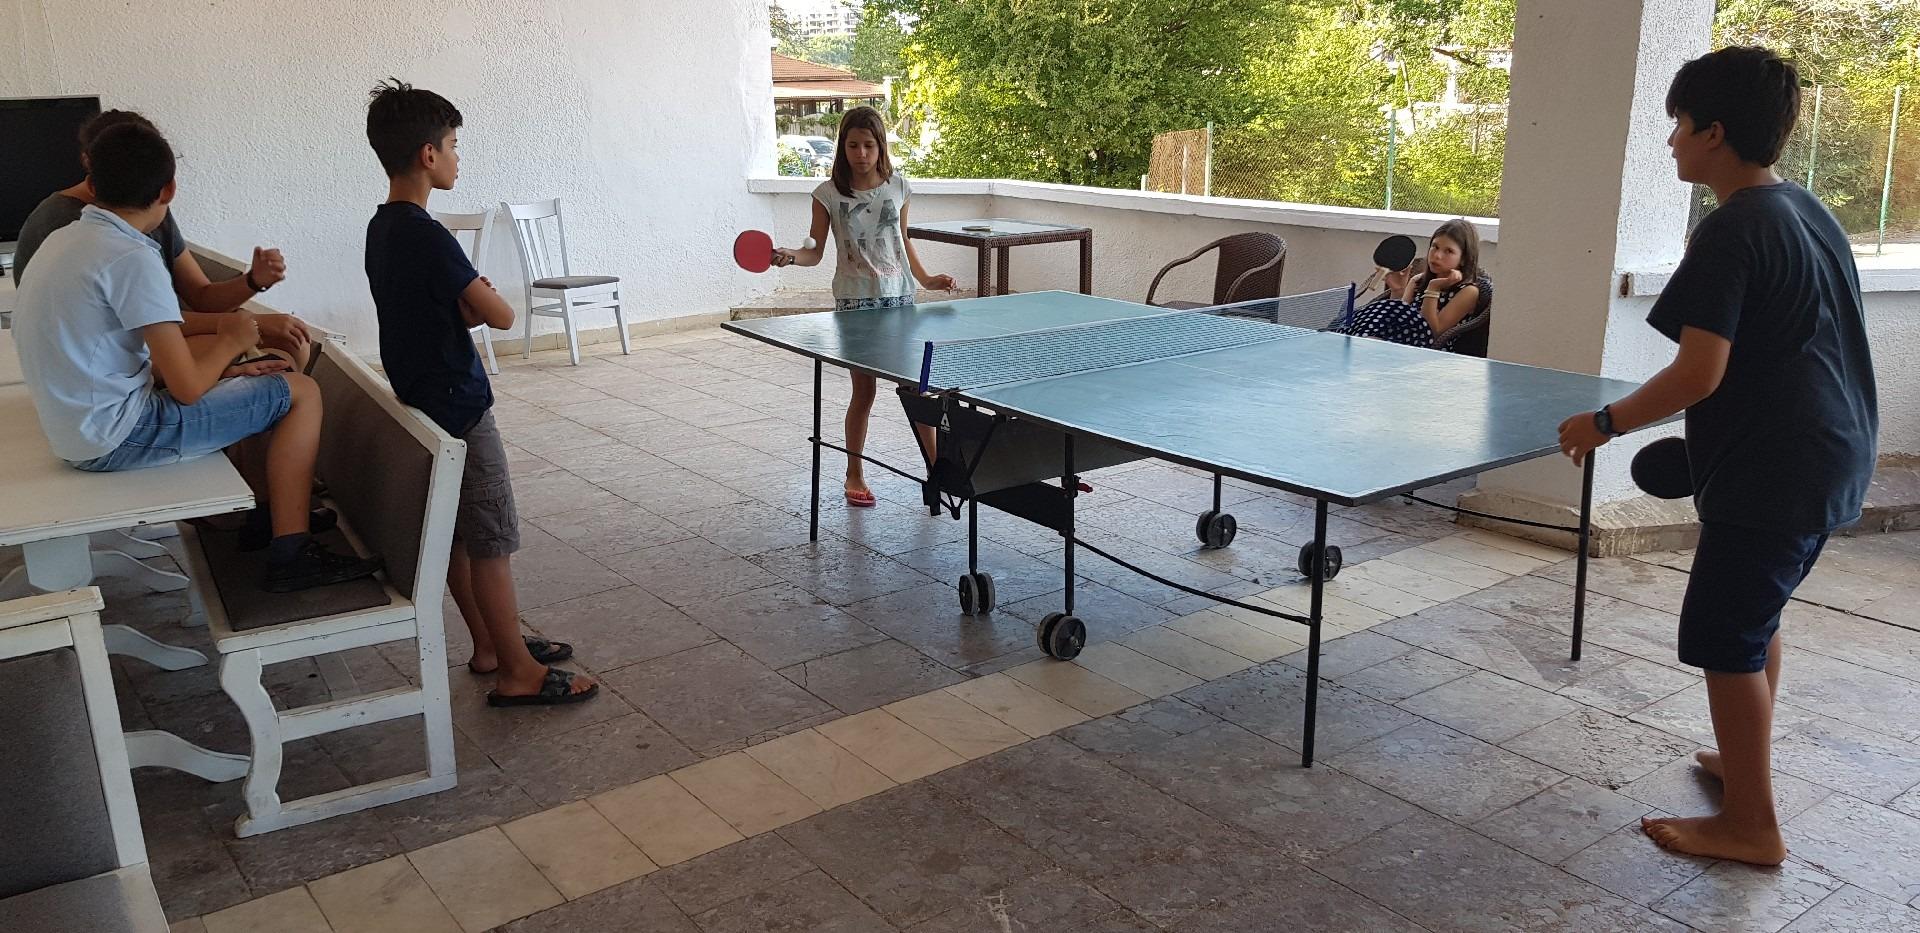 летни езикови лагери в България Z кемп, Ден 34 - тенис на маса - момче и момиче играят